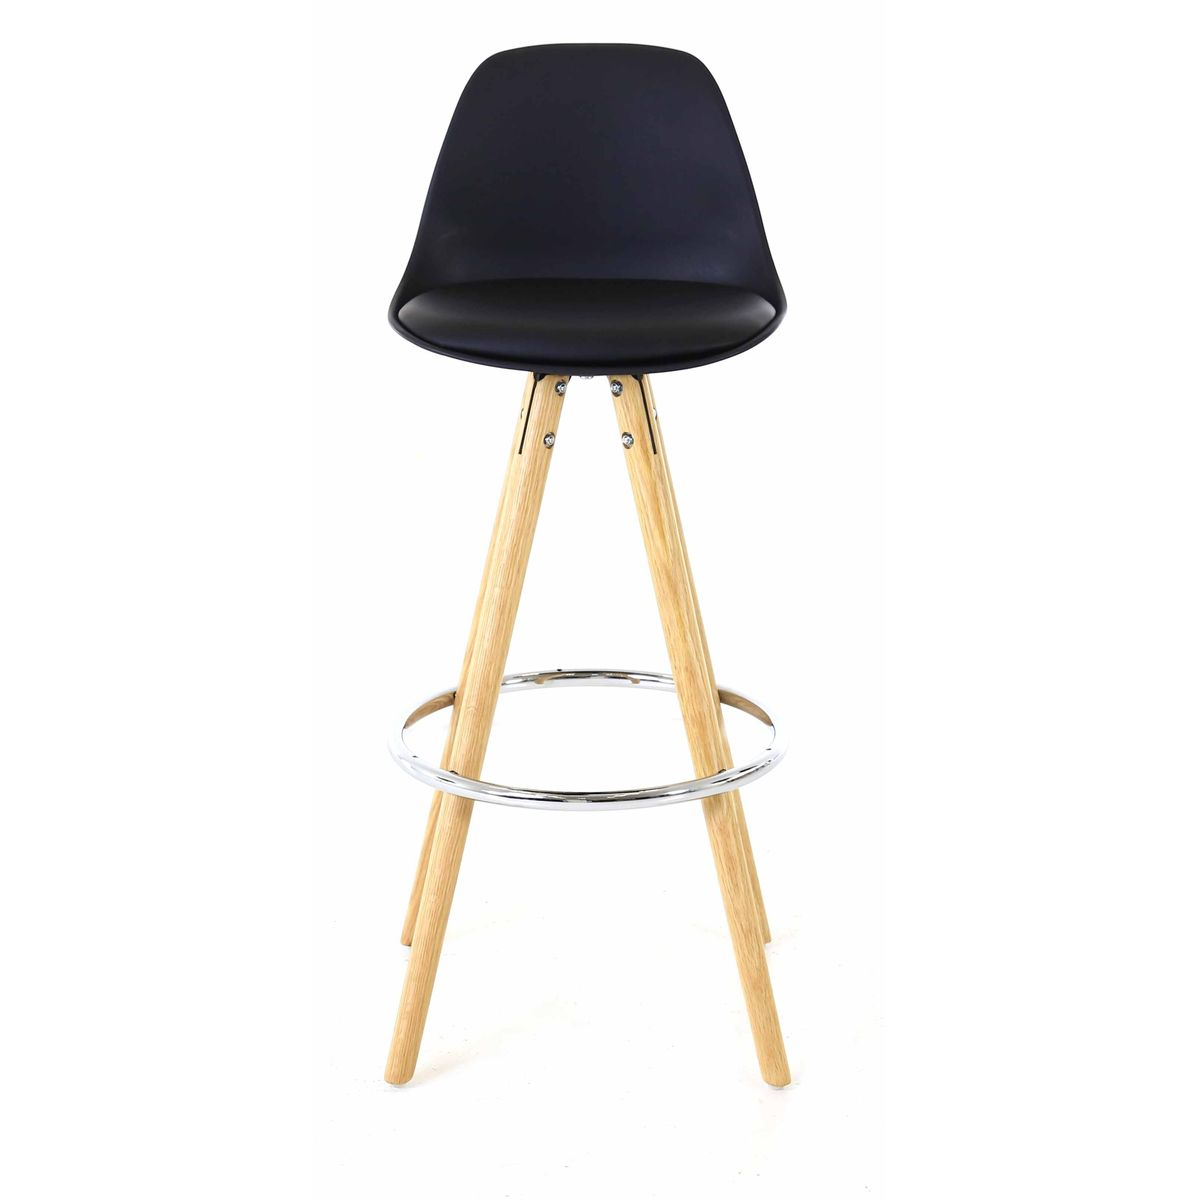 chaise plan de travail scandinave noire en pu et bois popsy zago store. Black Bedroom Furniture Sets. Home Design Ideas